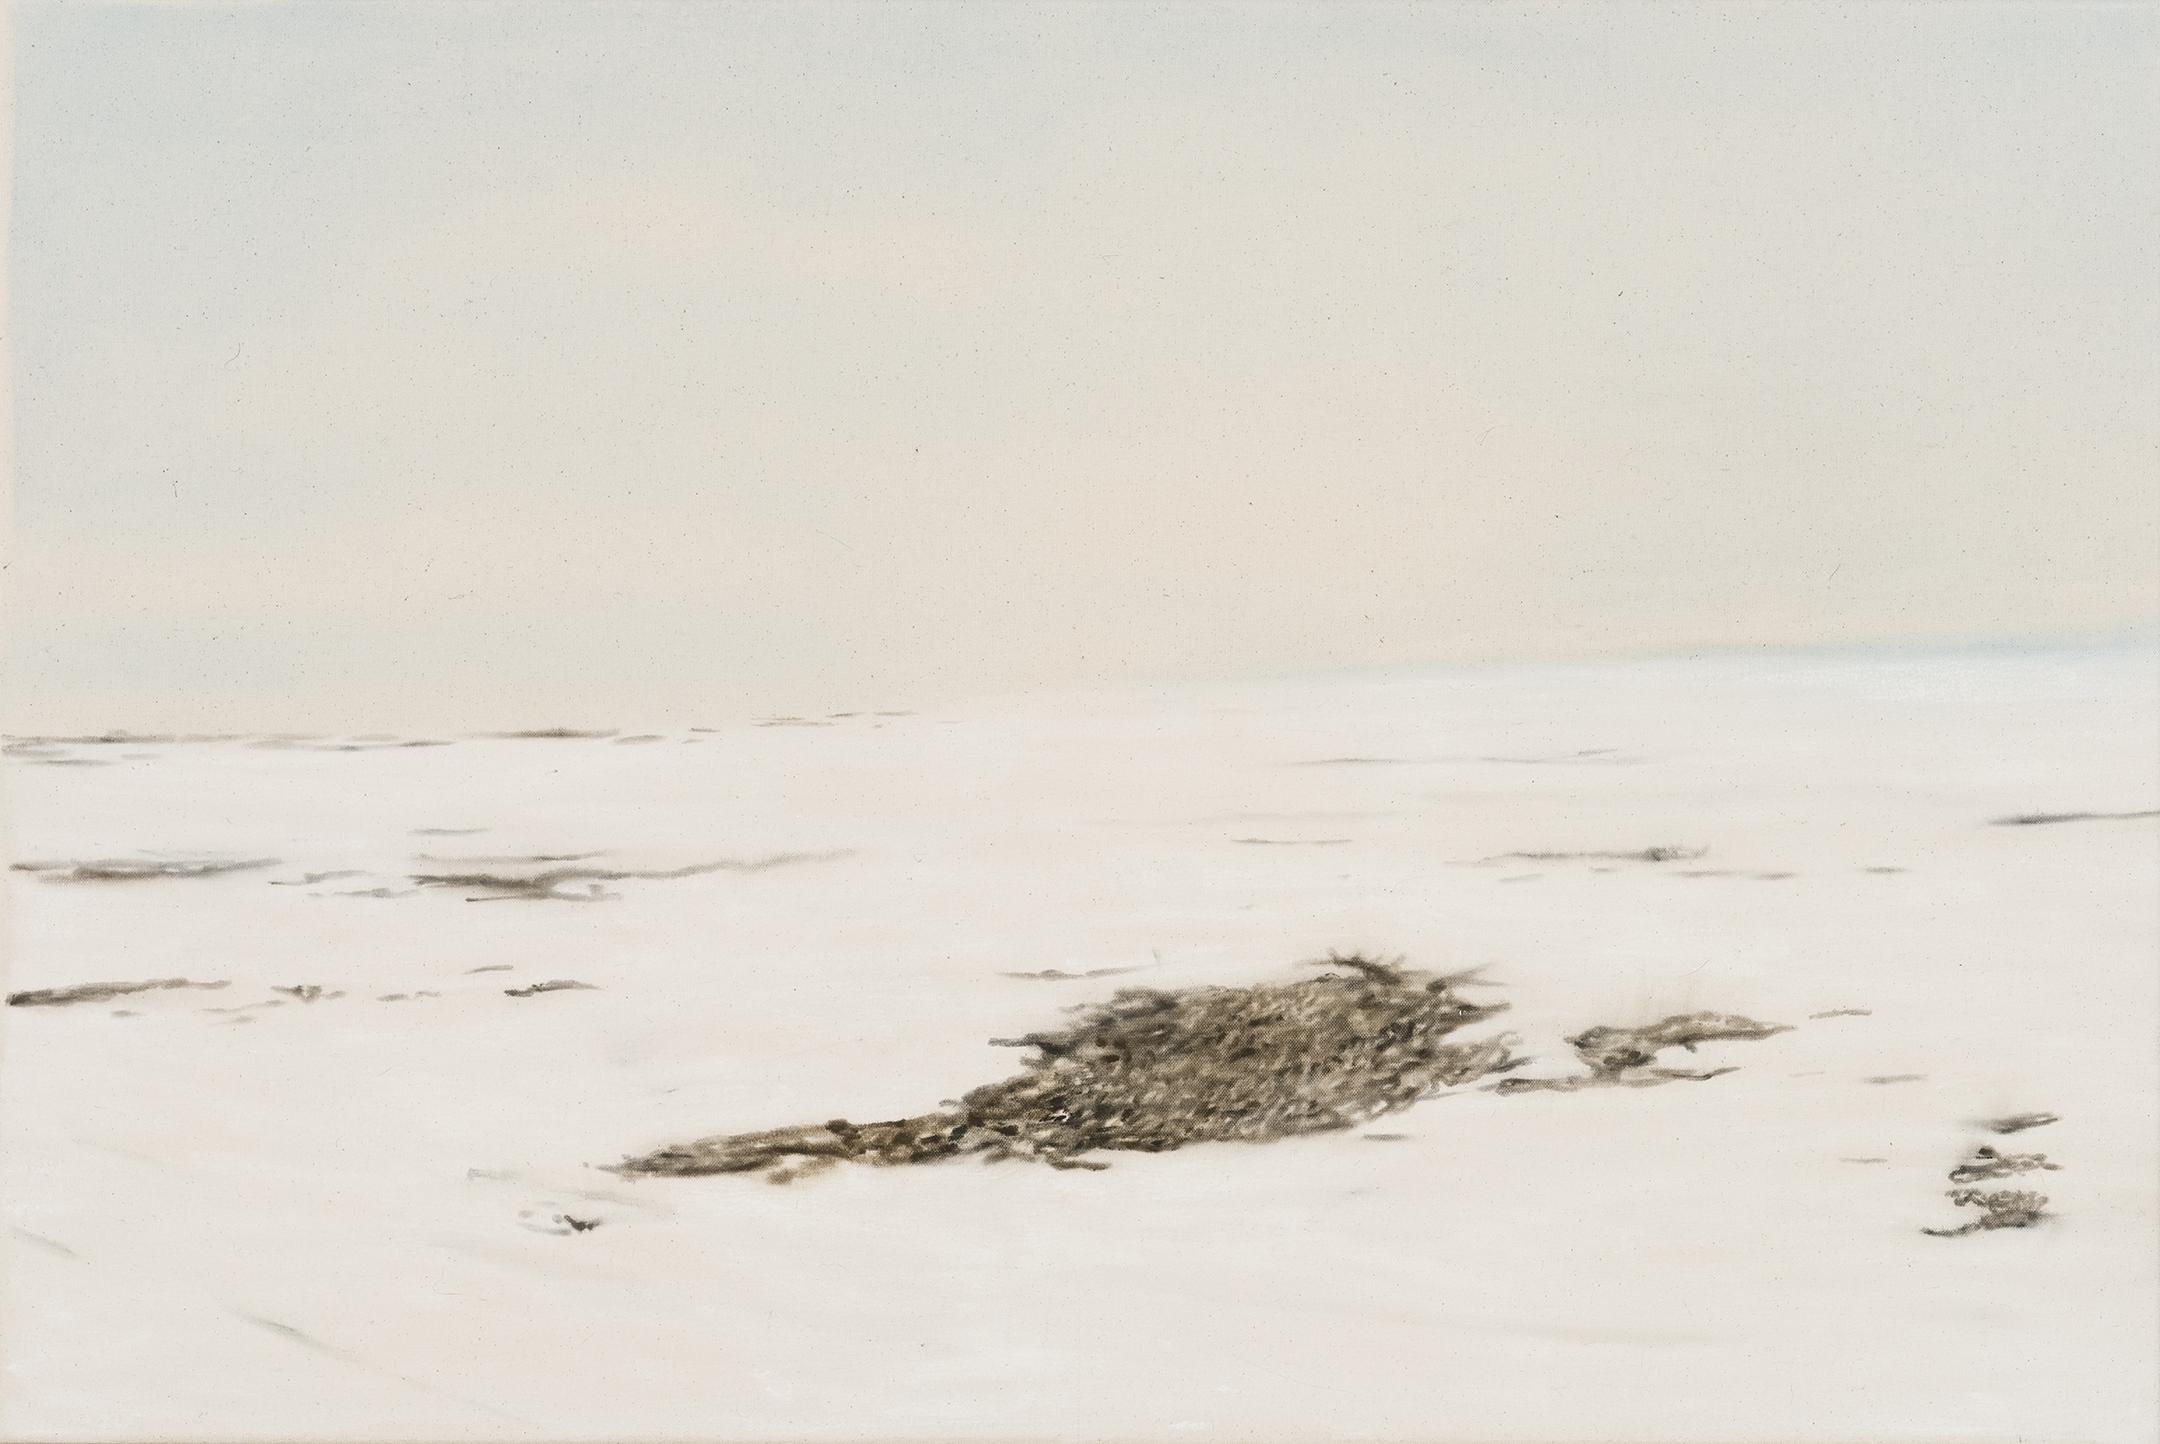 Paysage nordique 15 , 2016. Huile et fusain sur toile, 24 x 36 pouces